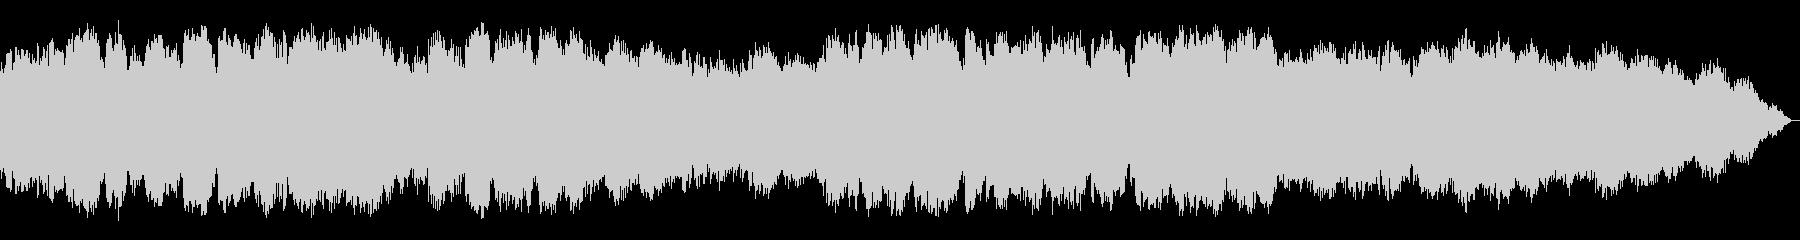 静かな眠りの音楽の未再生の波形